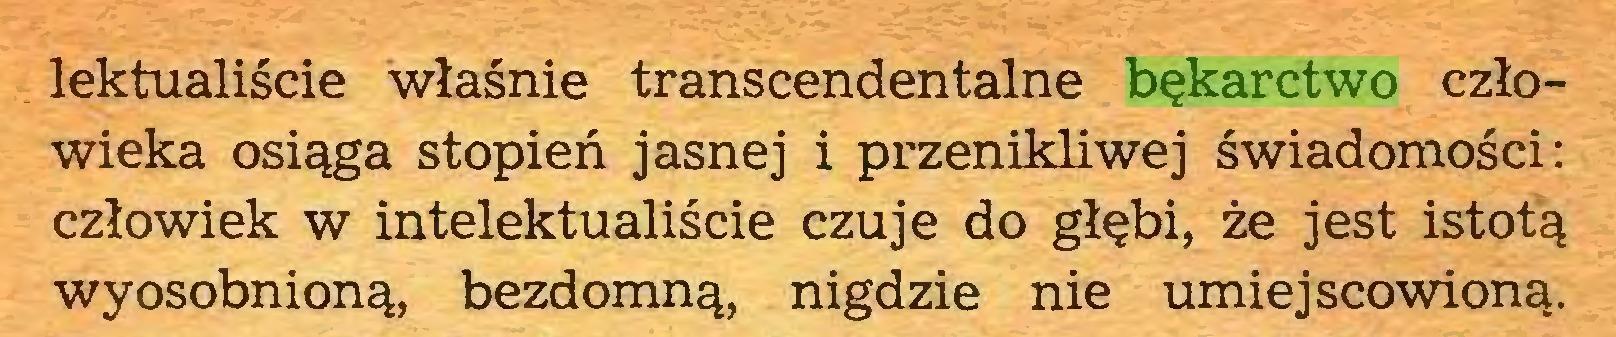 (...) lektualiście właśnie transcendentalne bękarctwo człowieka osiąga stopień jasnej i przenikliwej świadomości: człowiek w intelektualiście czuje do głębi, że jest istotą wyosobnioną, bezdomną, nigdzie nie umiejscowioną...